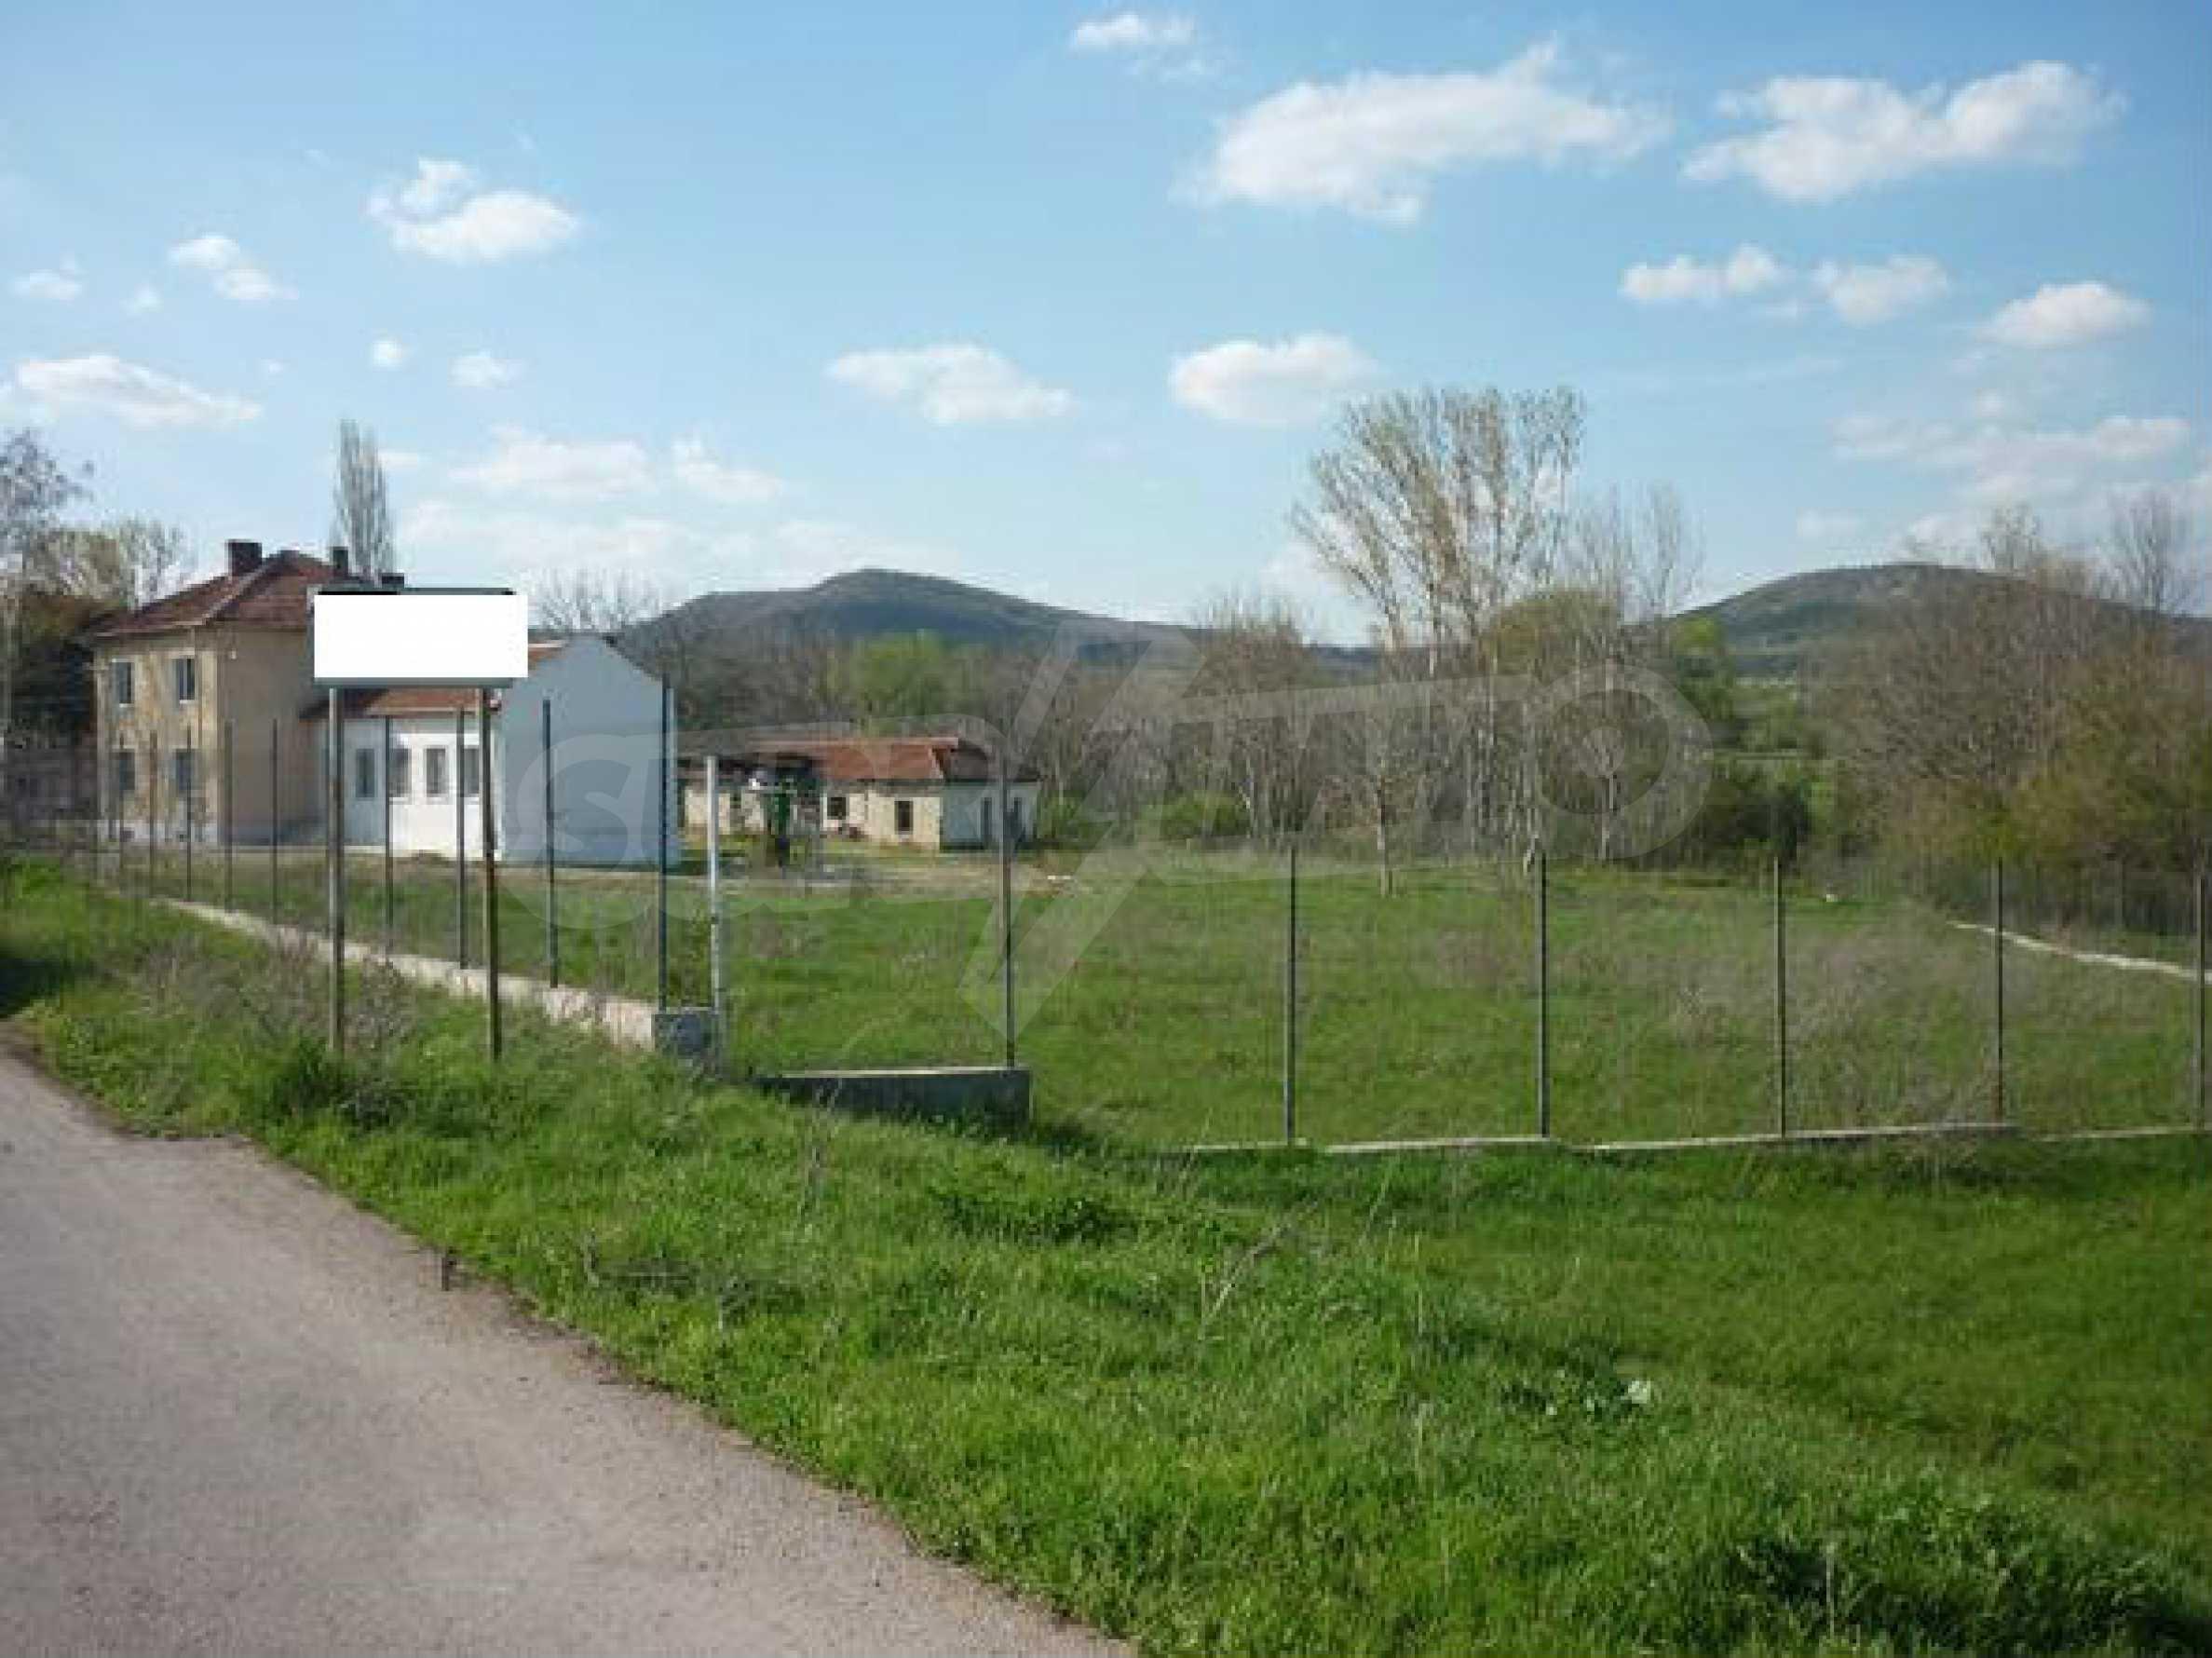 Industriegelände in einem Dorf 6 km von der Stadt Lovech entfernt 8